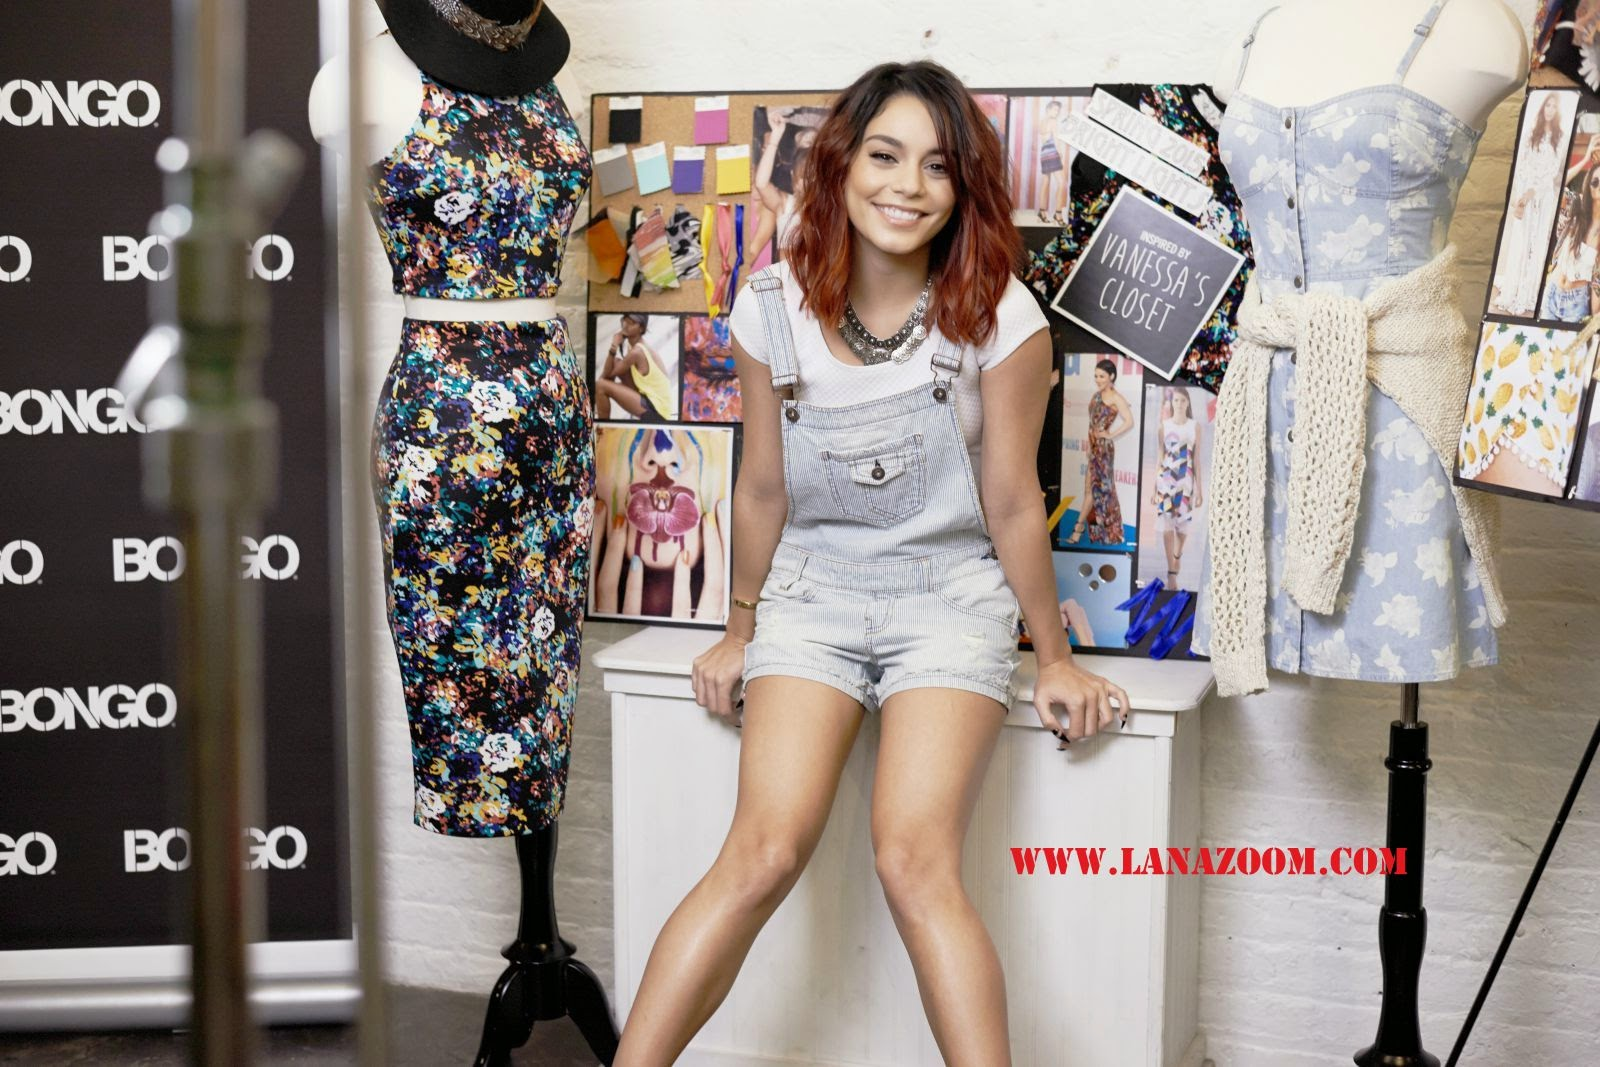 فانيسا هدجينز في صور إعلانية جميلة